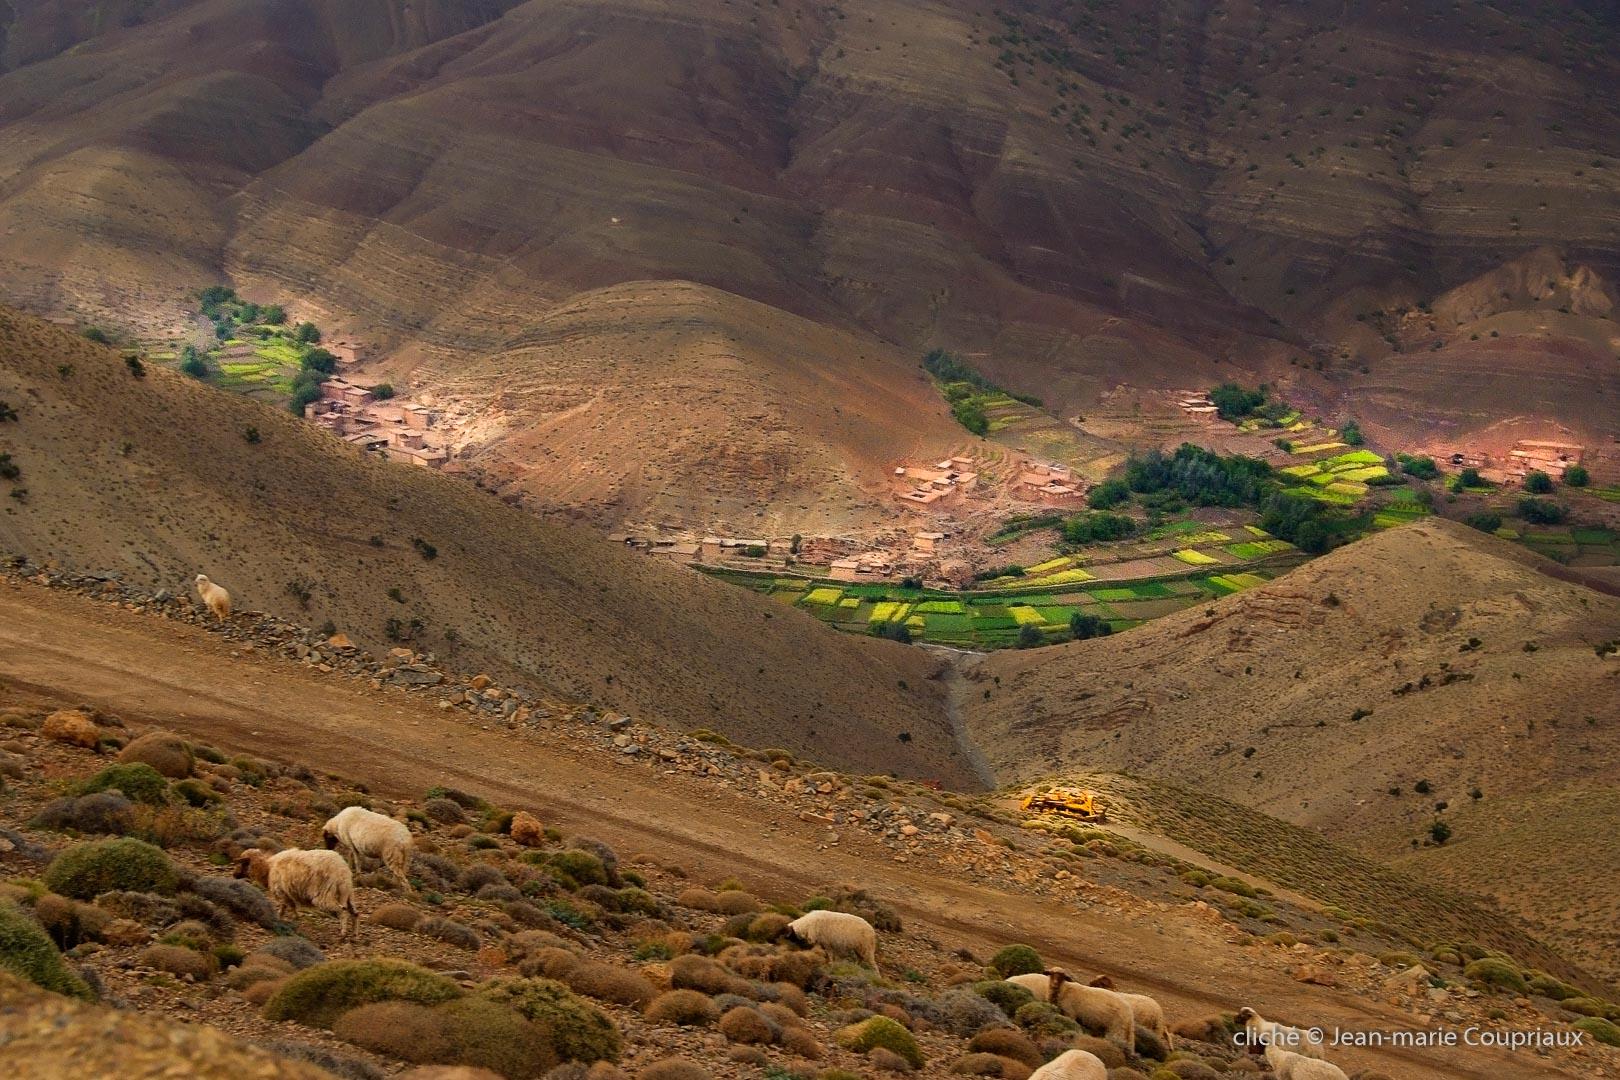 485-Maroc-2002a2013